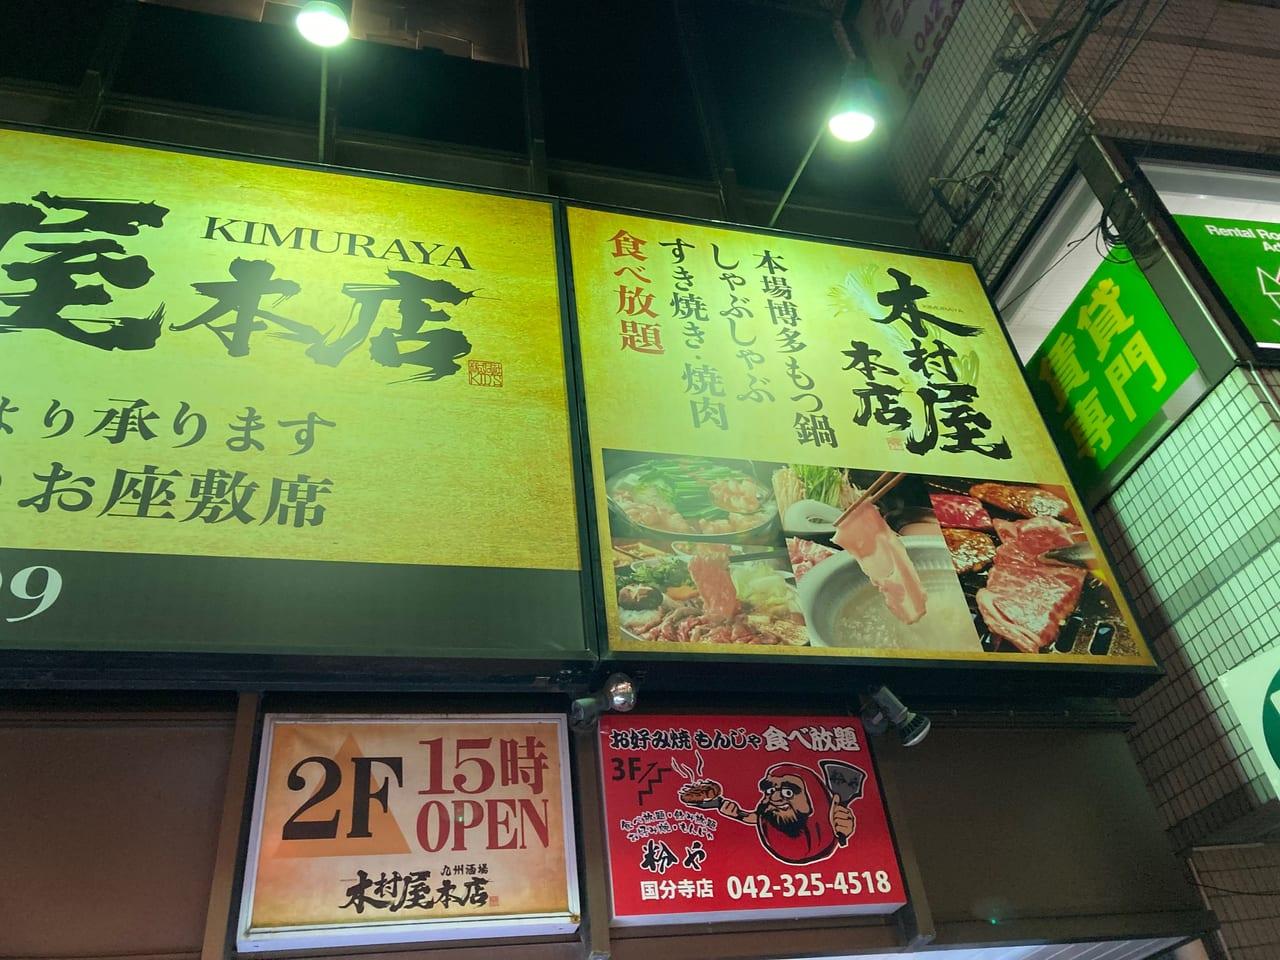 国分寺の飲食店で『Go To Eatキャンペーン』使ってみました!事前予約し、お得に外食ができます!